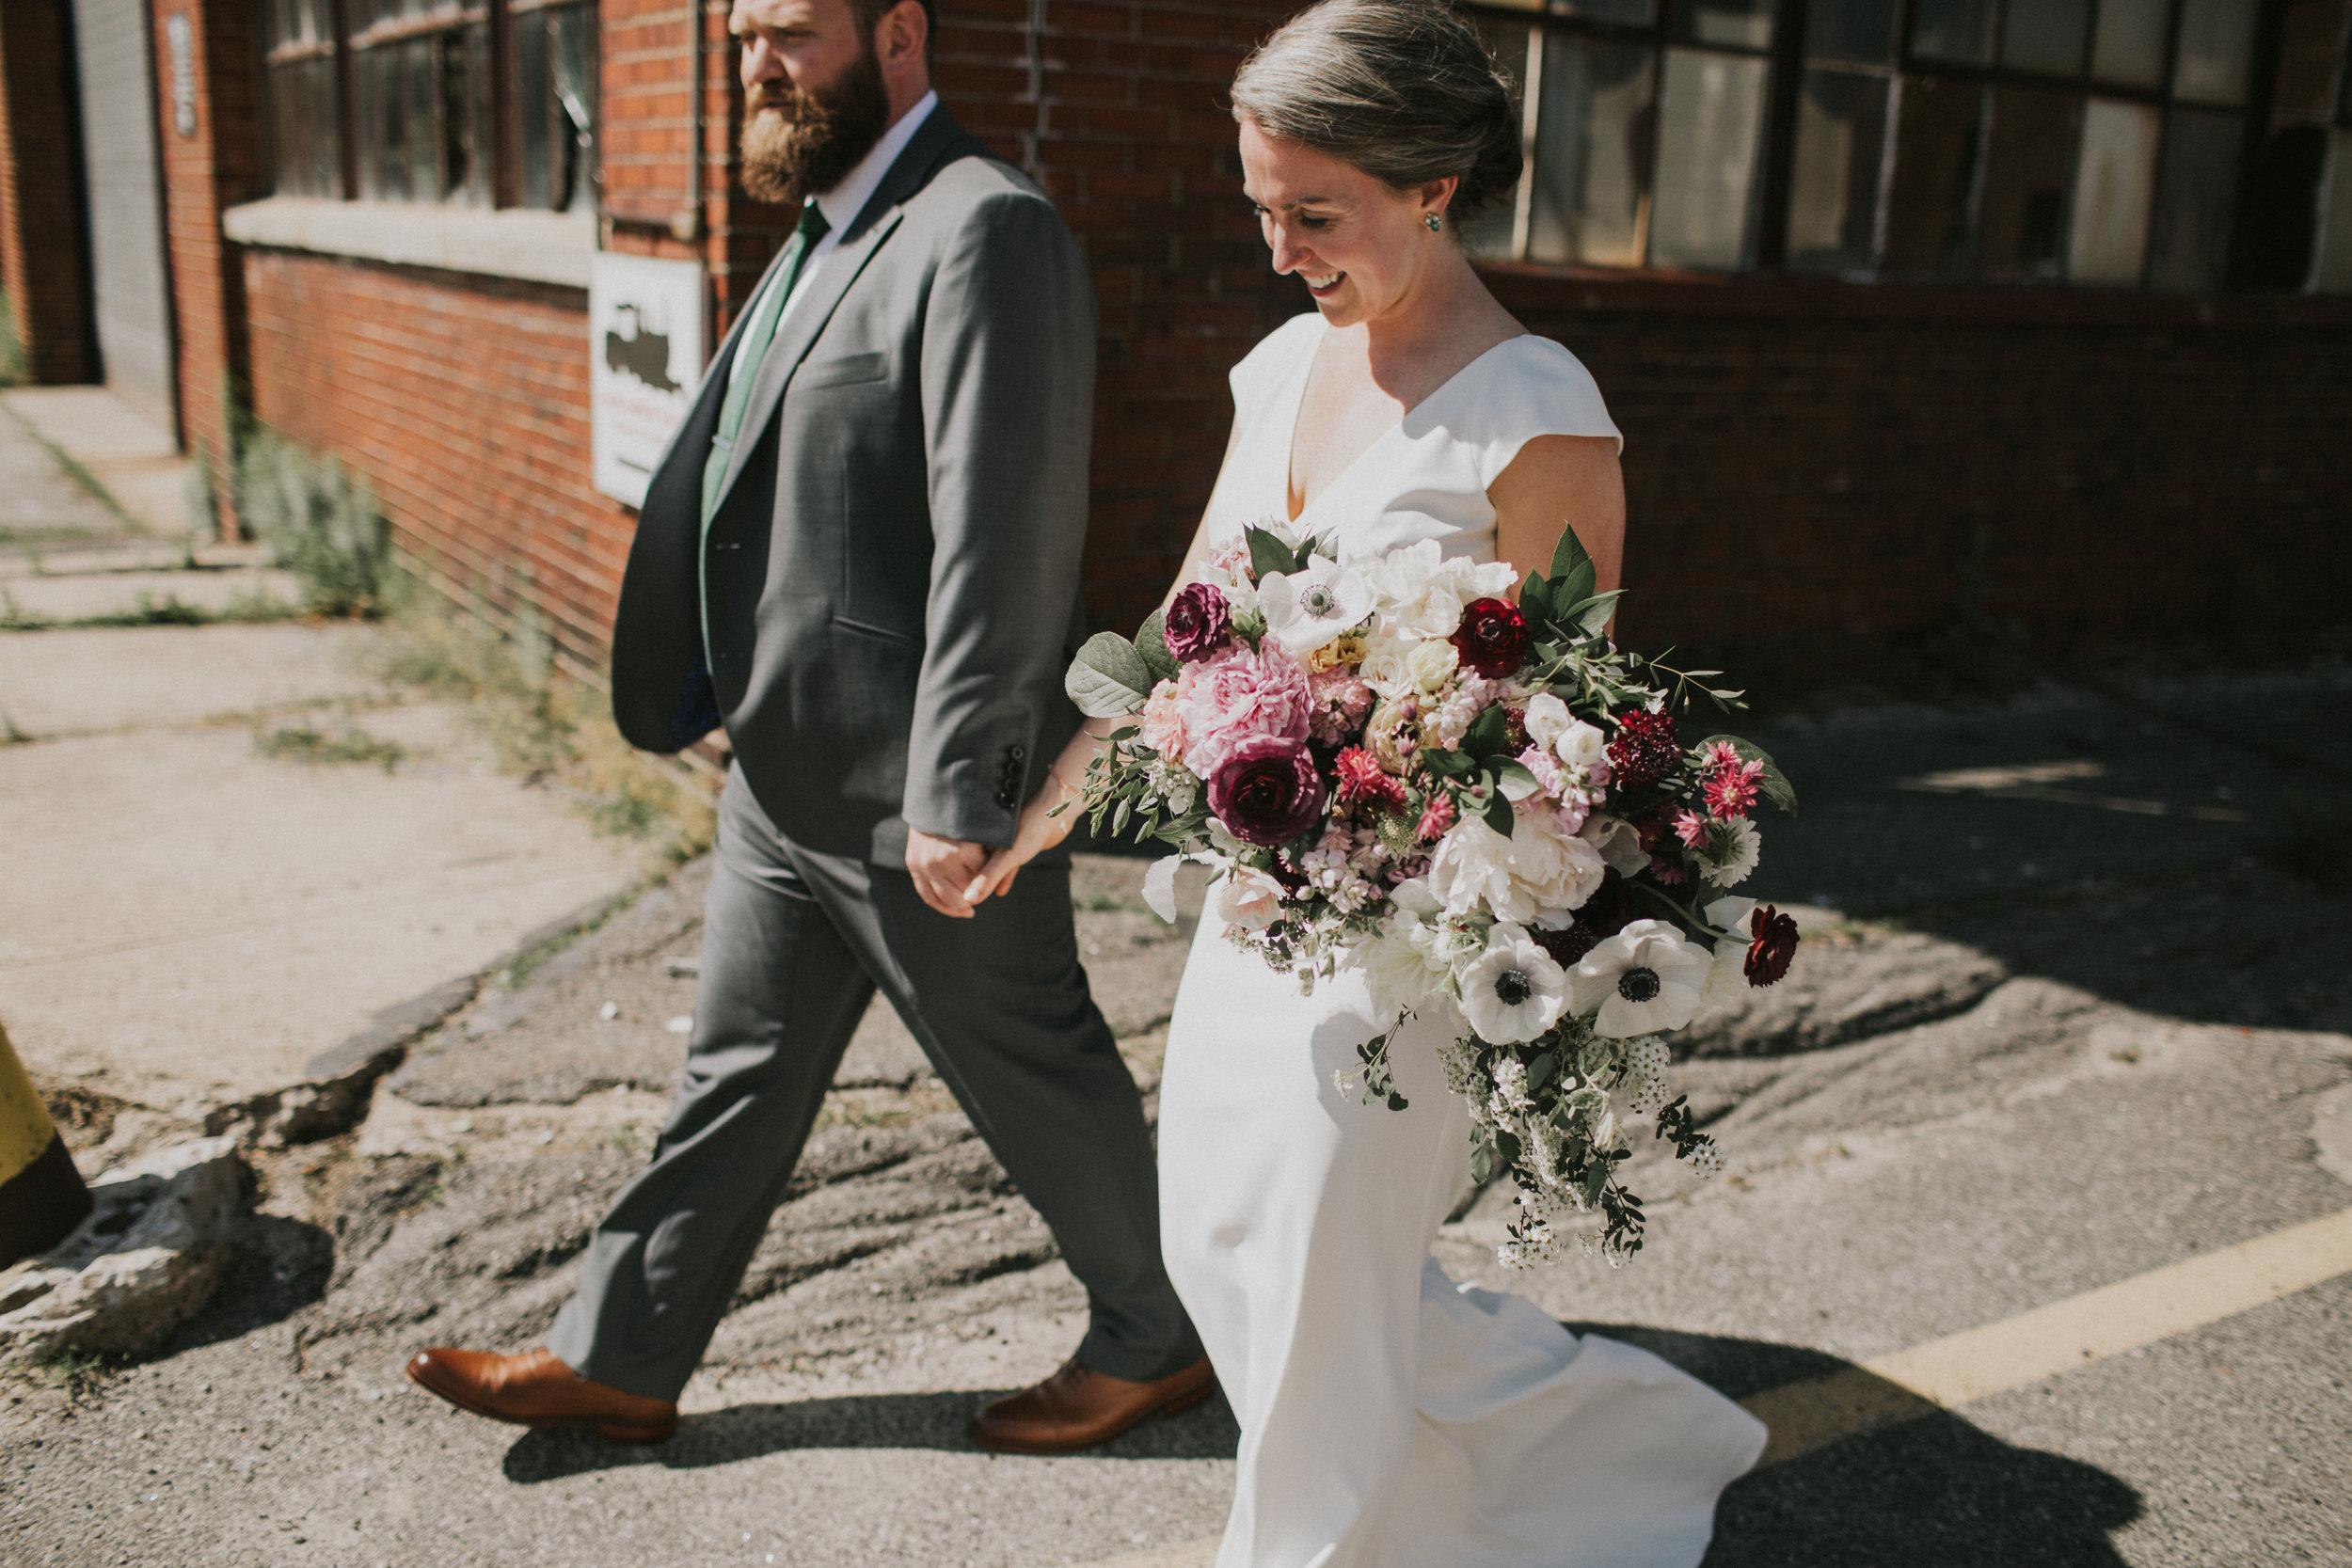 Watershed_Floral_Maine_Wedding_Florist_162.jpg